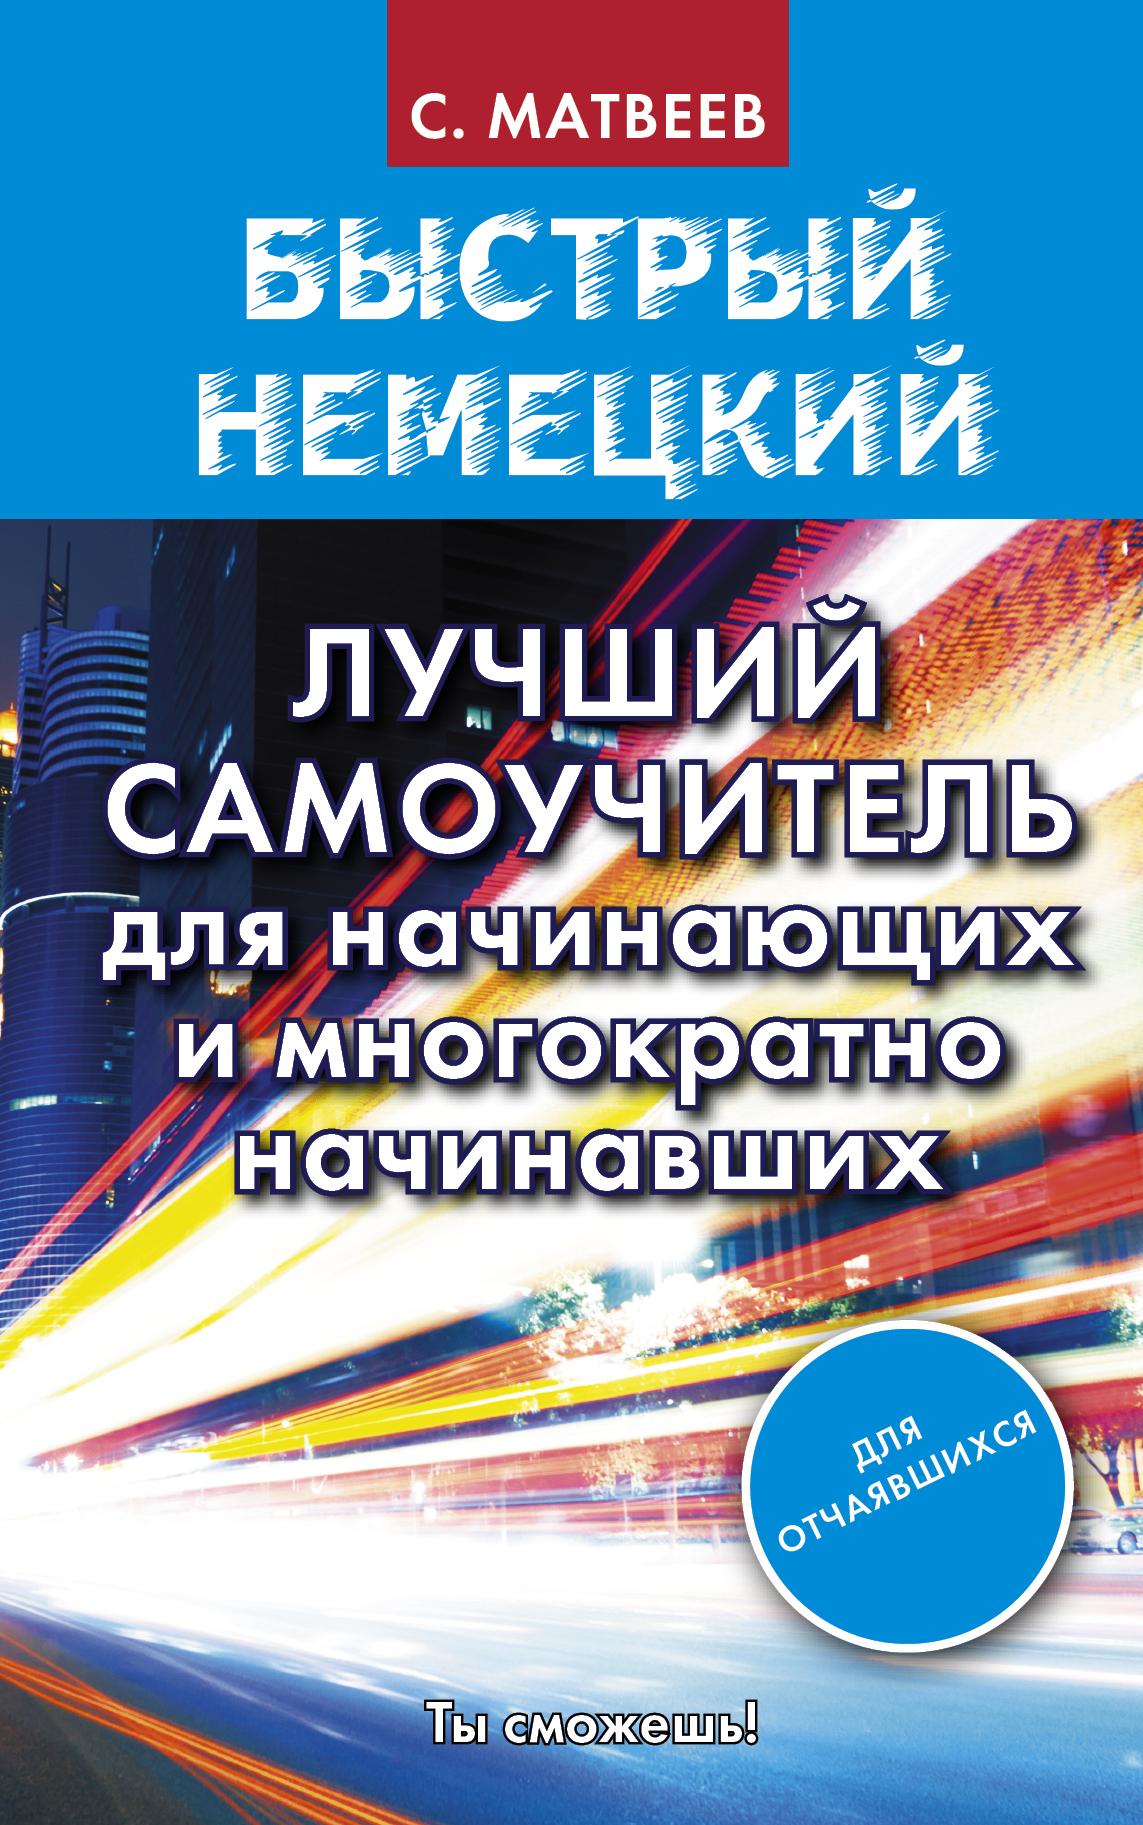 Быстрый немецкий. Лучший самоучитель для начинающих и многократно начинавших от book24.ru